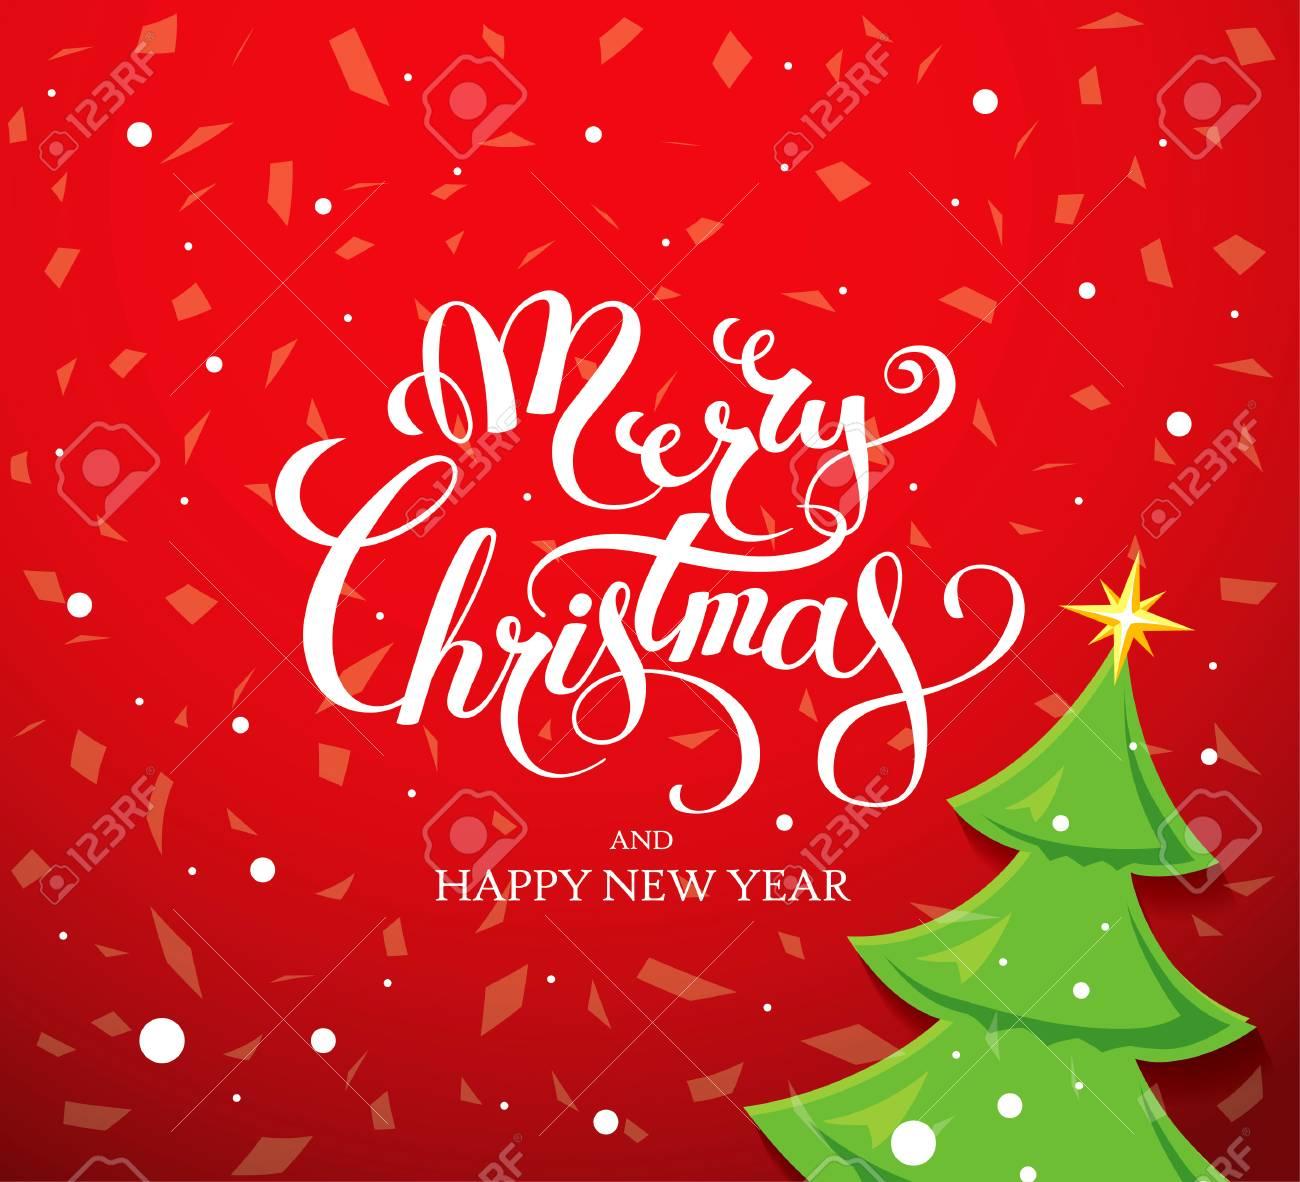 Immagini Auguri Di Natale E Buon Anno.Biglietto Di Auguri Di Natale Buon Natale E Felice Anno Nuovo